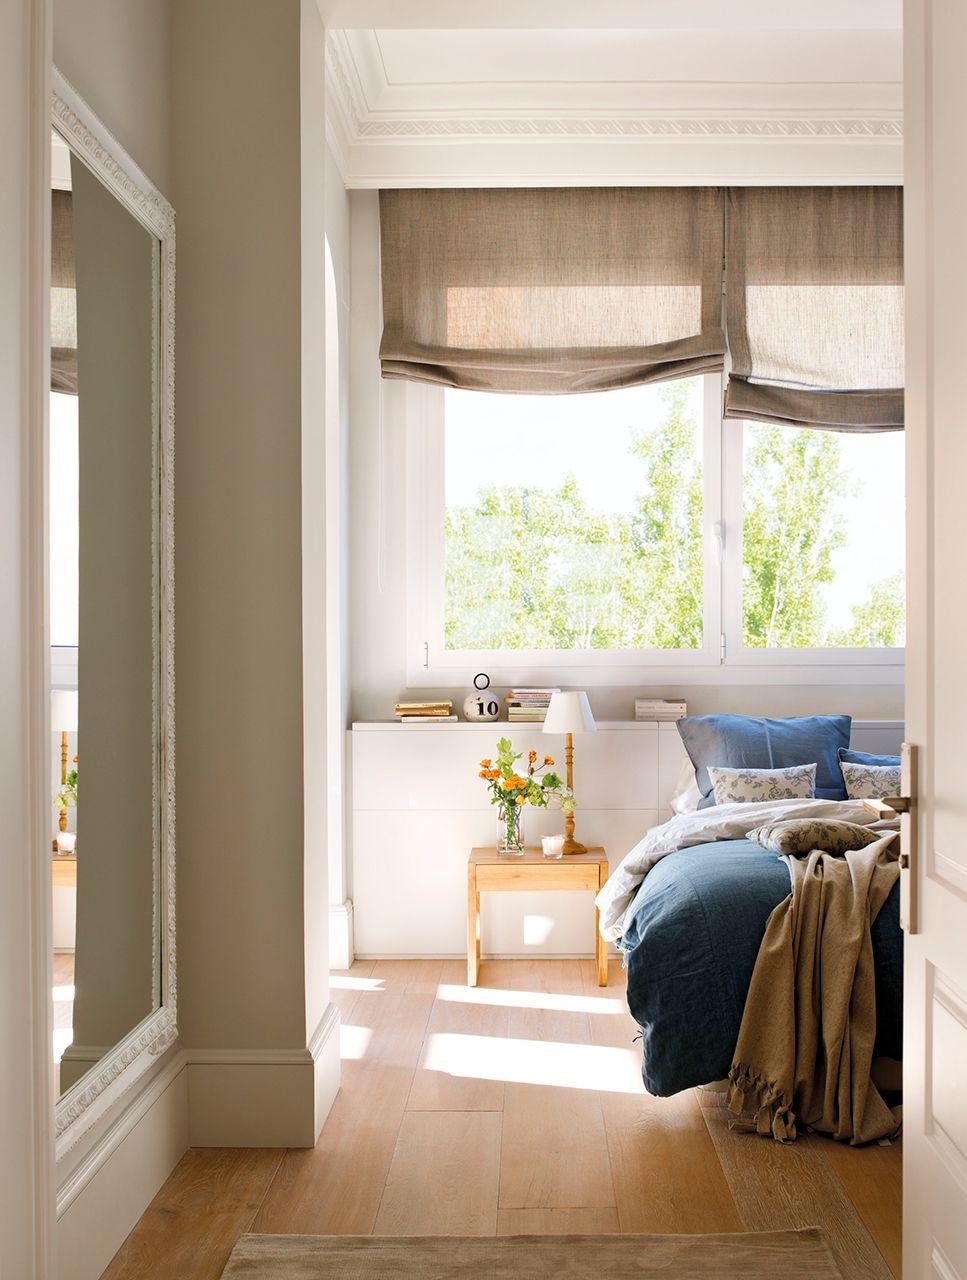 Dormitorio con espejo en la entrada y estores grises - Estores dormitorio ...